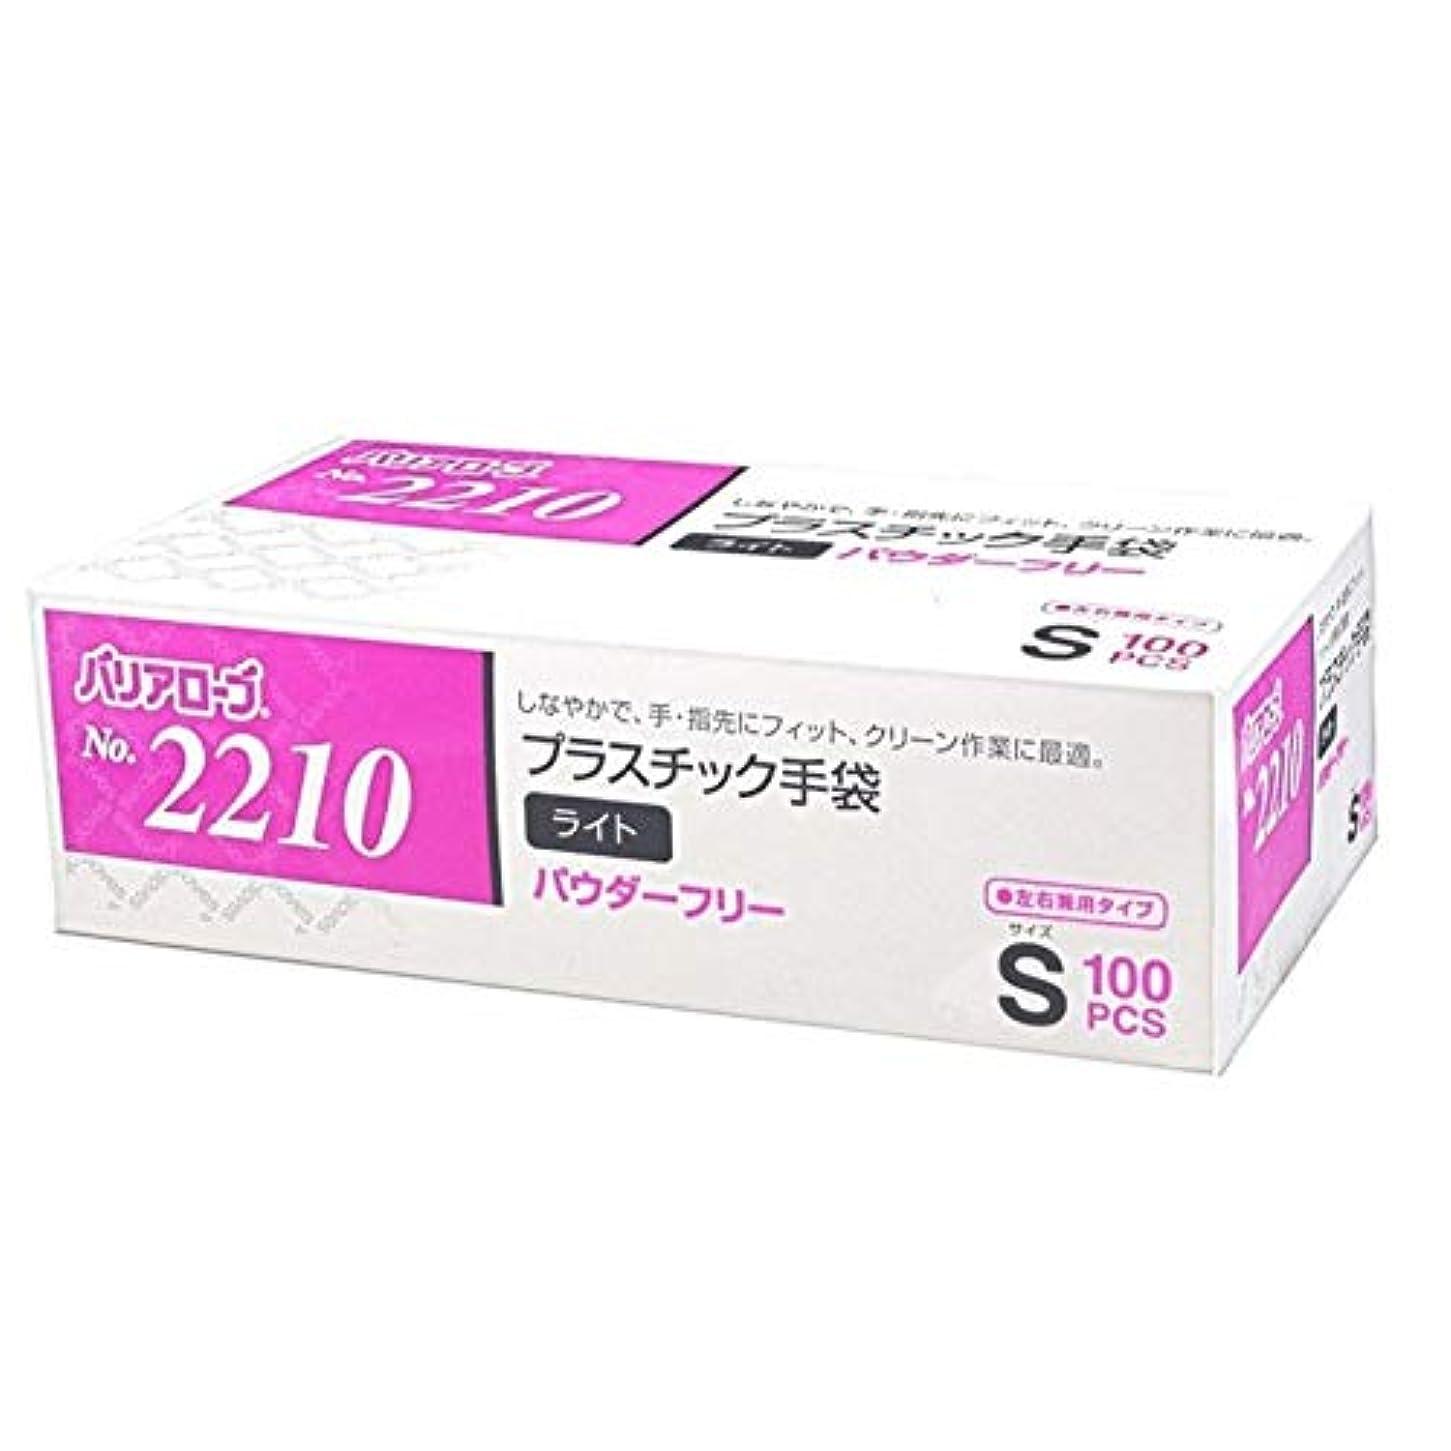 うがい薬オーディション決して【ケース販売】 バリアローブ №2210 プラスチック手袋 ライト (パウダーフリー) S 2000枚(100枚×20箱)